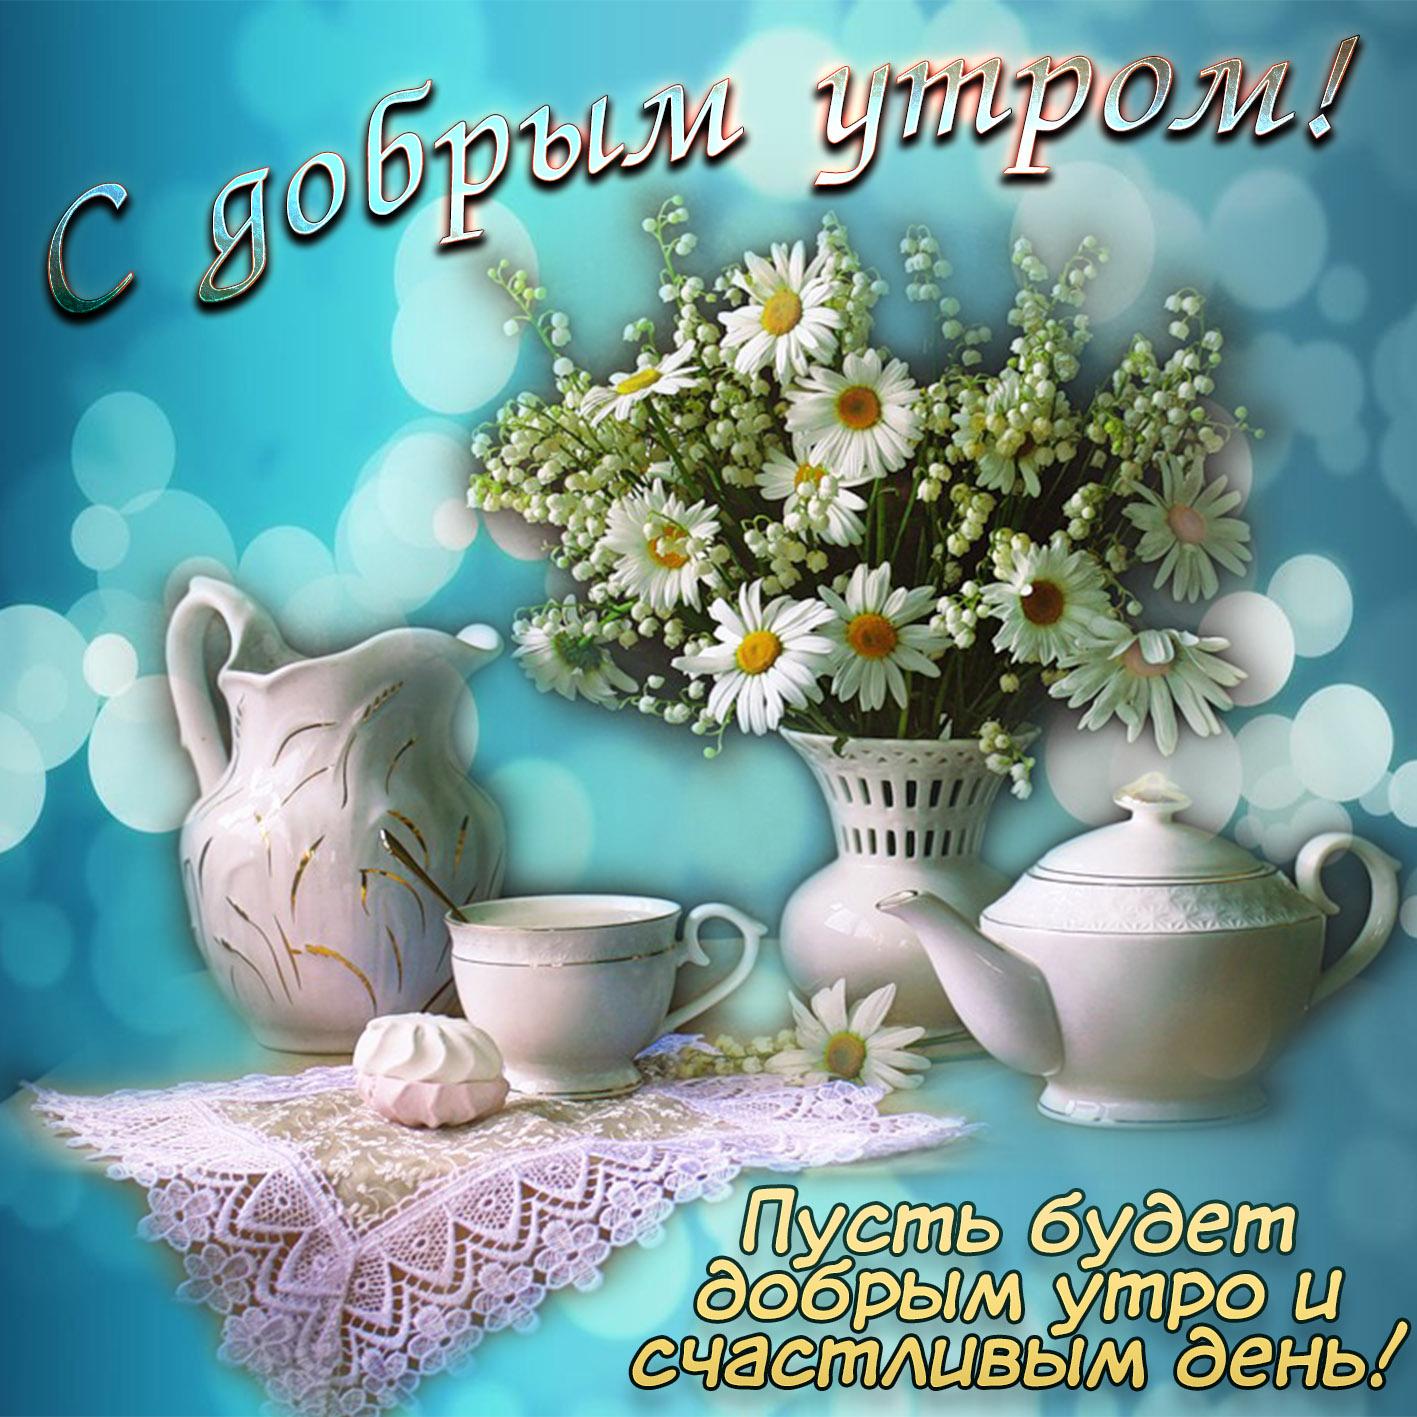 Открытки, красивые открытки с пожеланием доброго утра и хорошего дня подруге